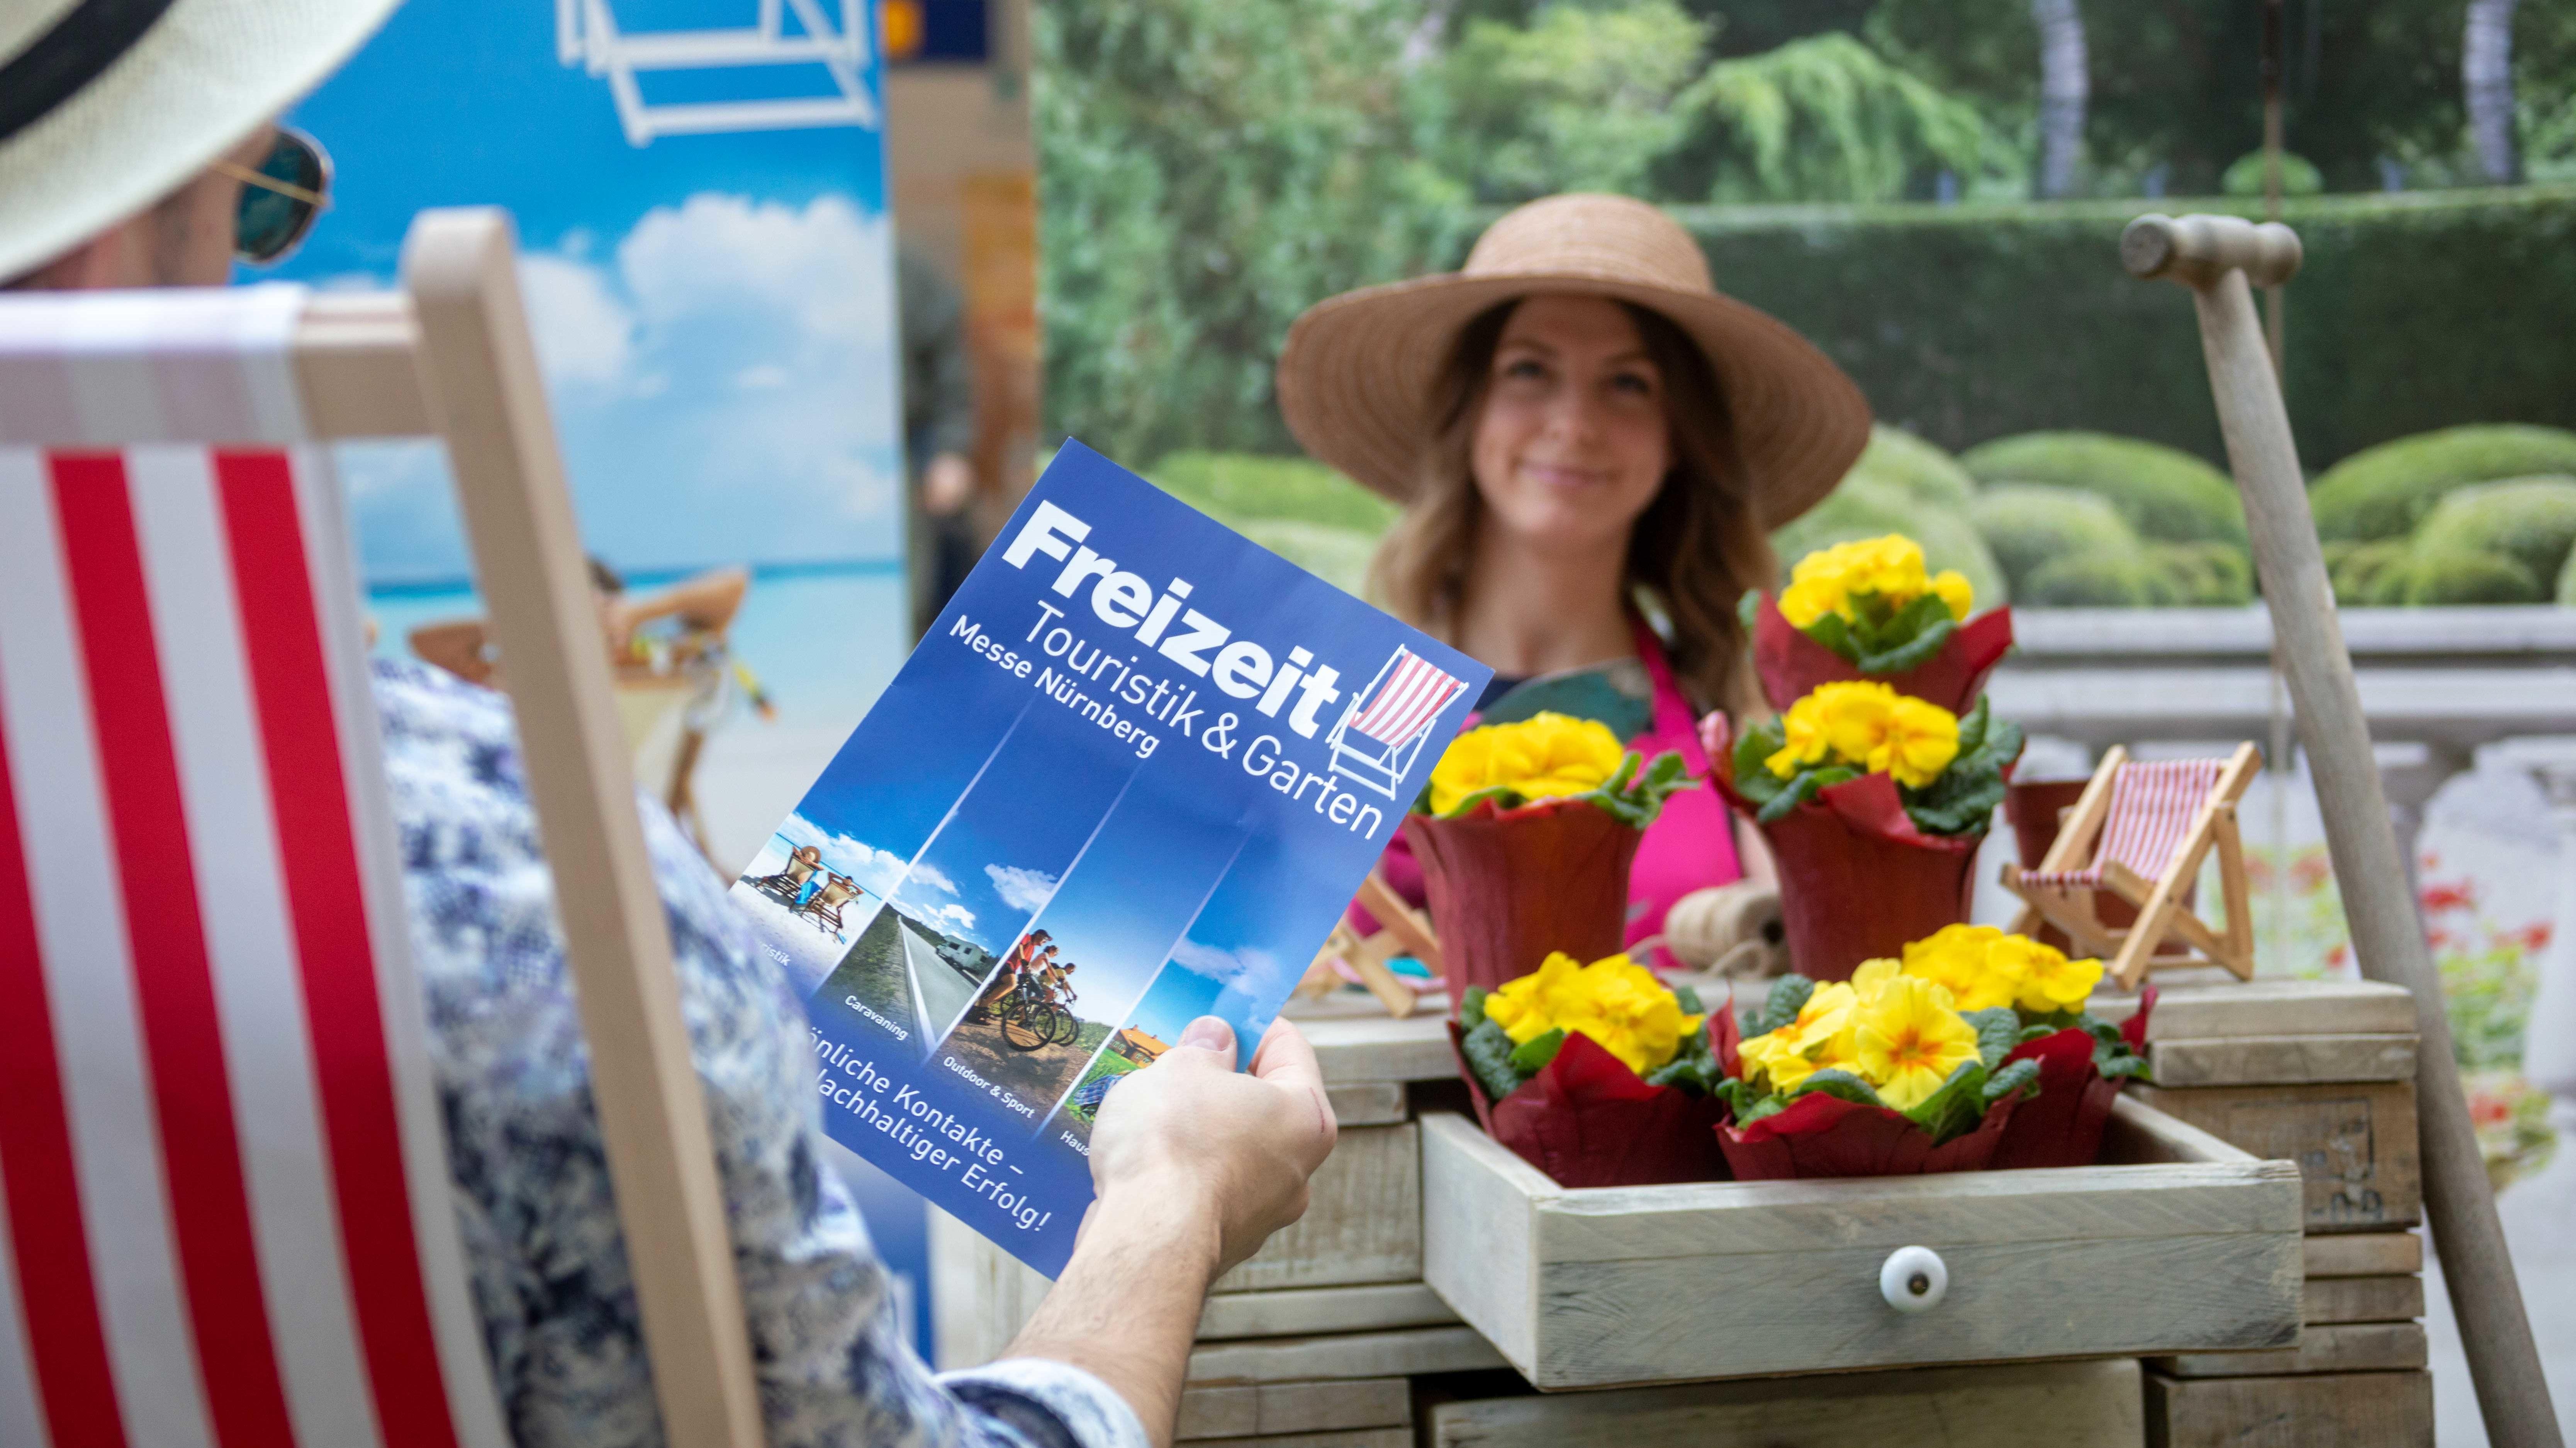 Freizeit Messe Startet In Nürnberg Br24